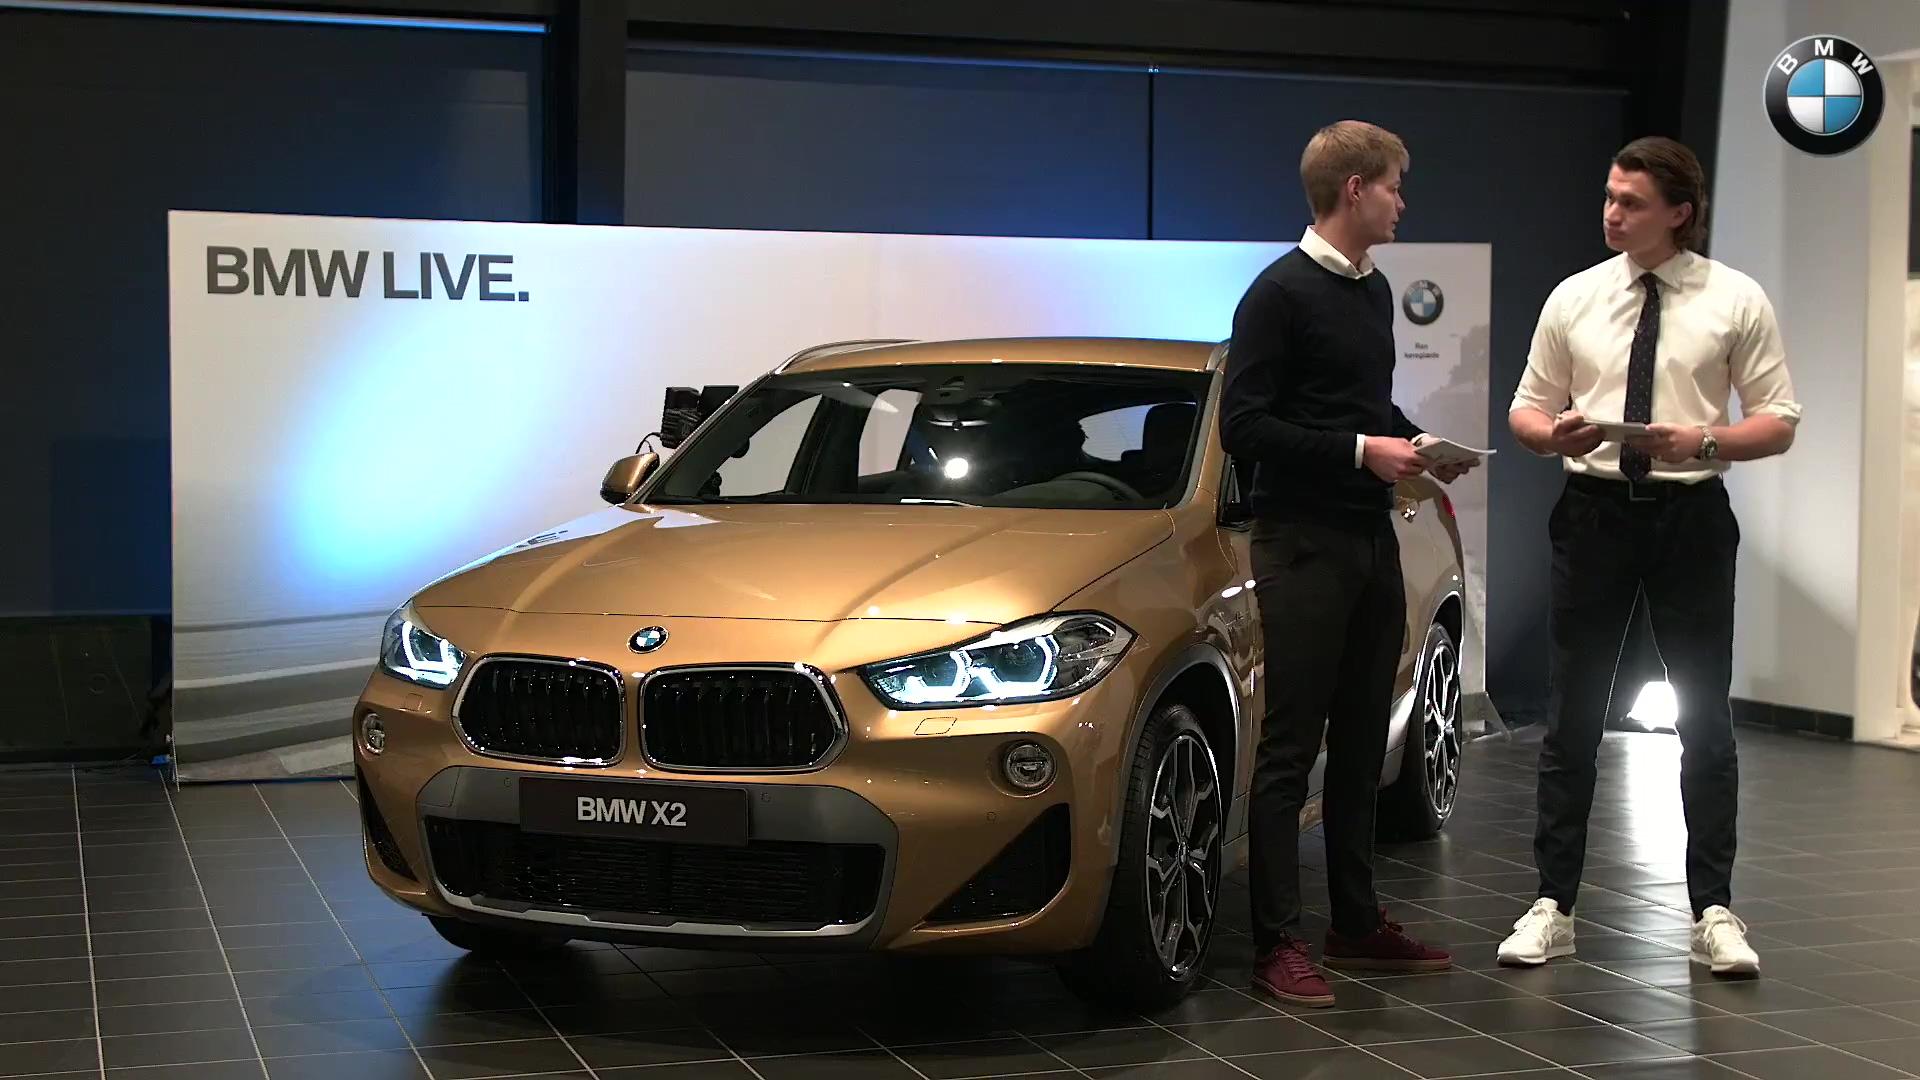 BMW X2 Live med dækbilleder